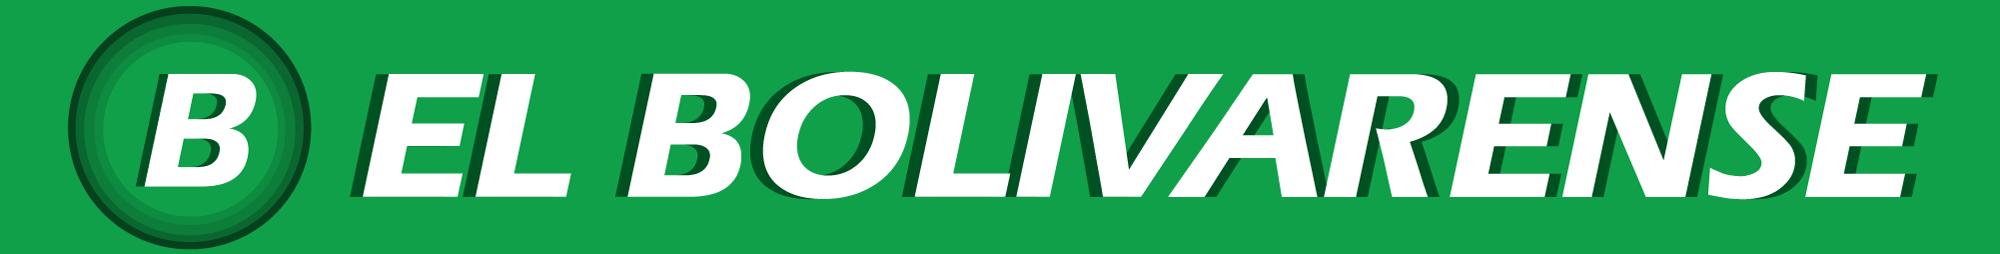 EL BOLIVARENSE